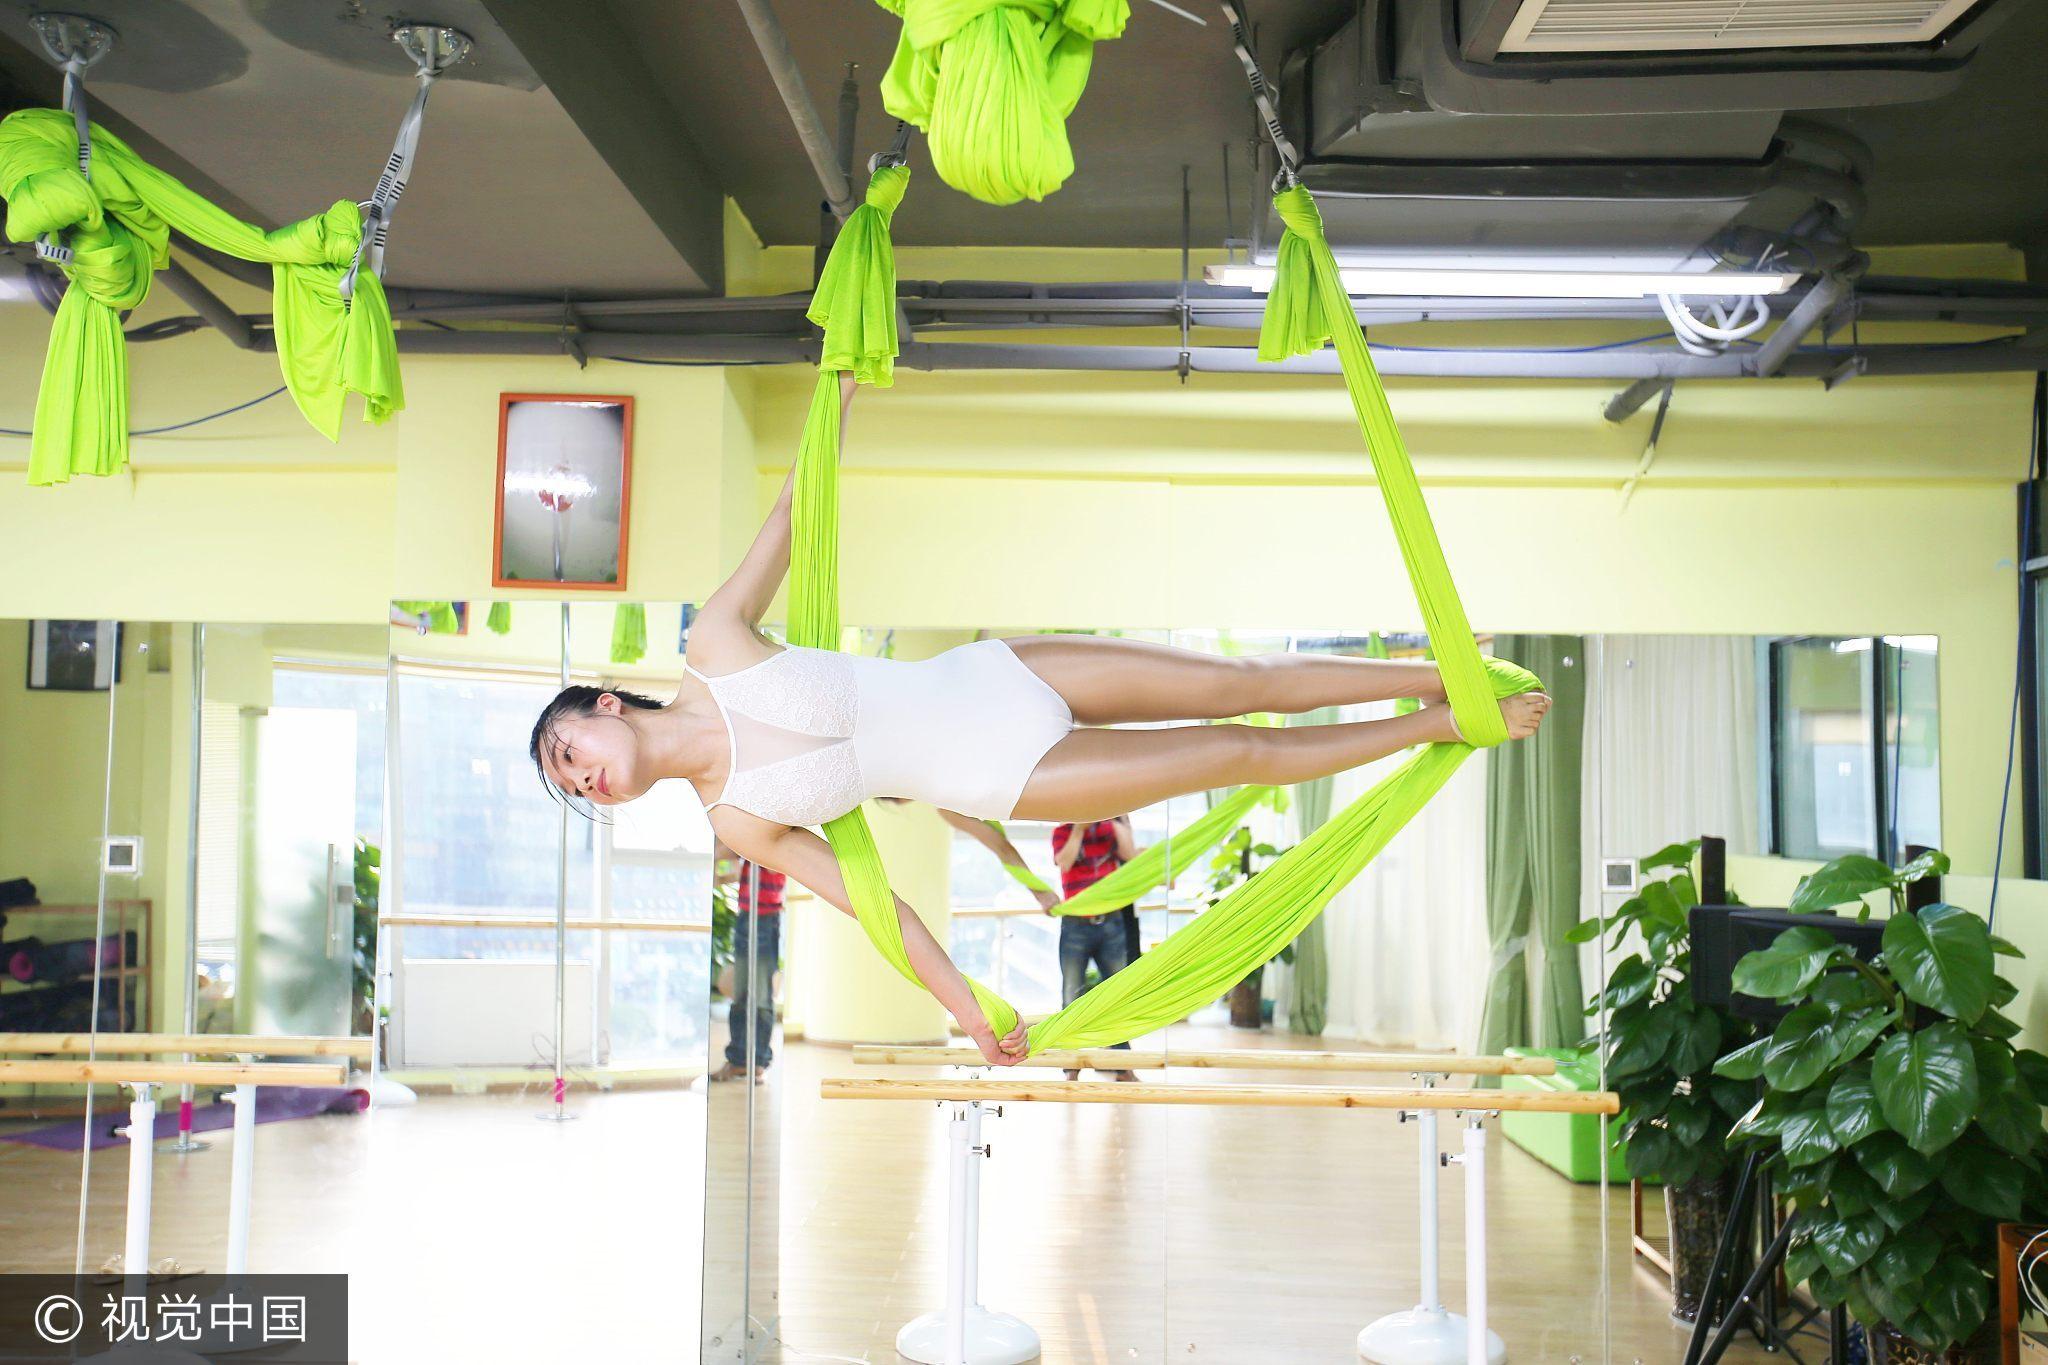 高清:减压新招?白领练空中瑜伽 高难秀柔韧